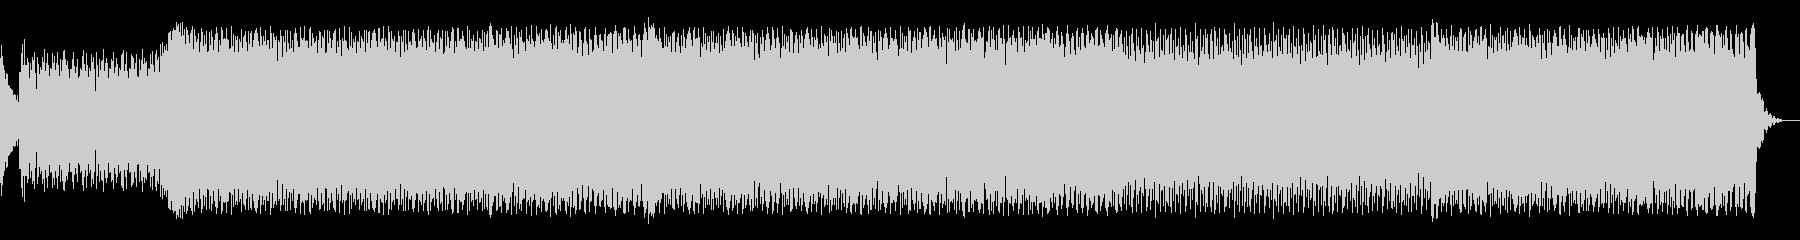 ダークな雰囲気のエレクトロダンスの未再生の波形